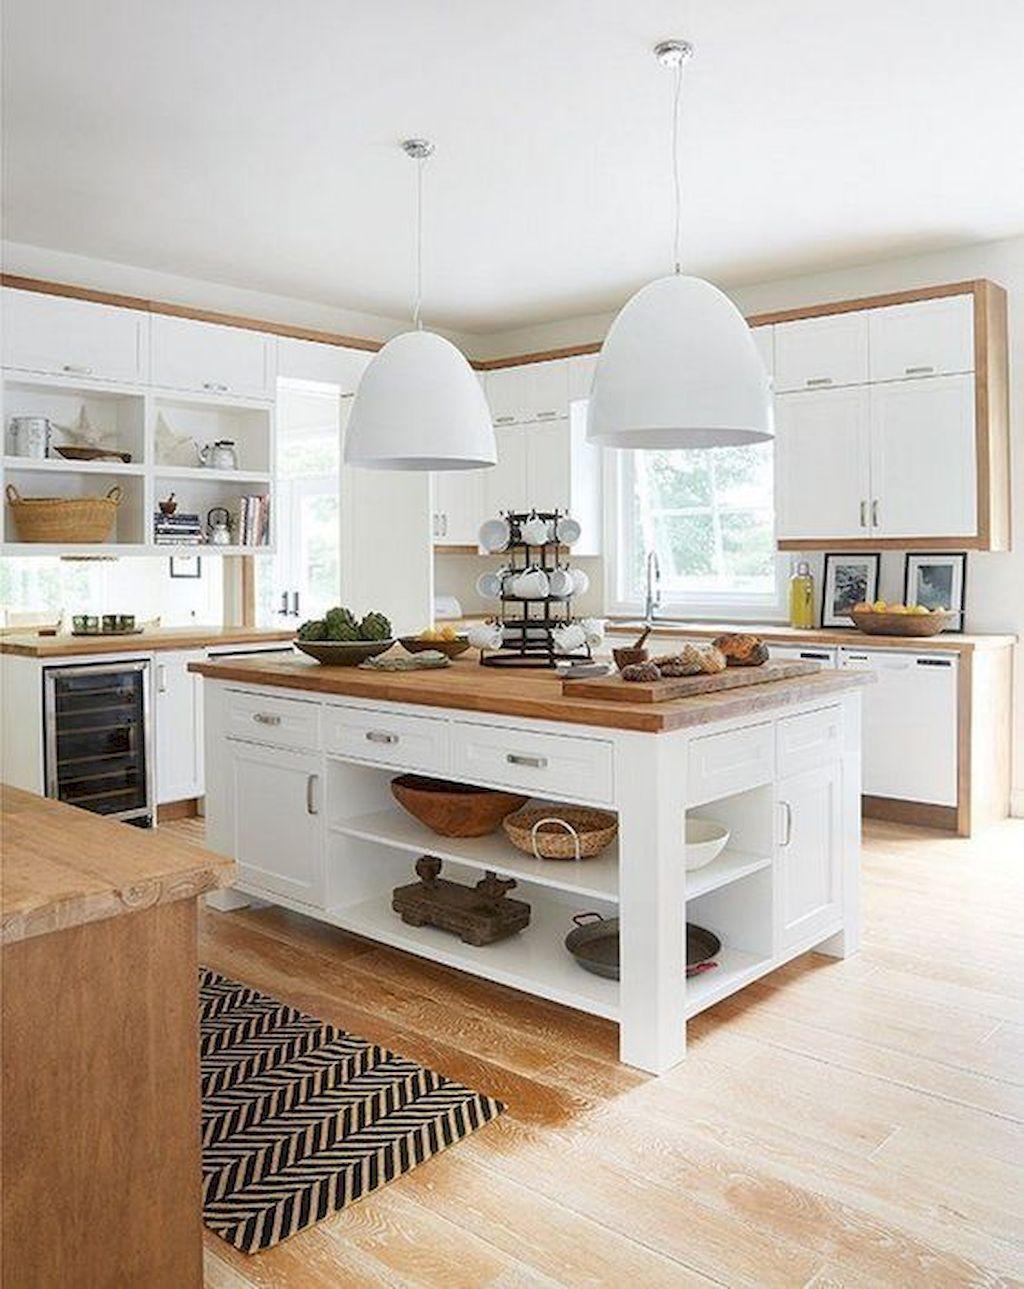 Stunning kitchen island design ideas in home decor